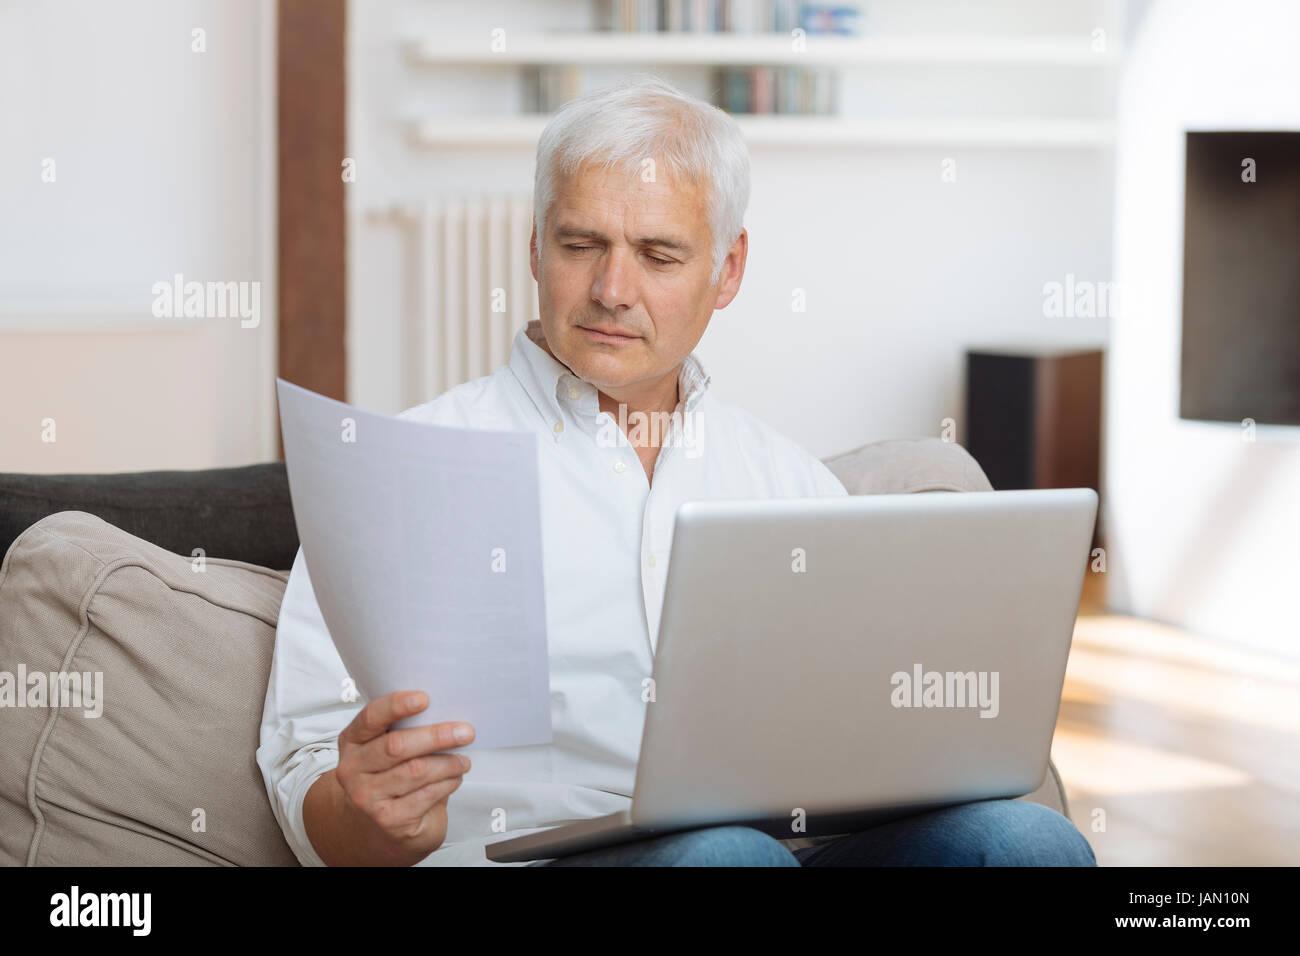 Hombre maduro, el pago de facturas online Imagen De Stock